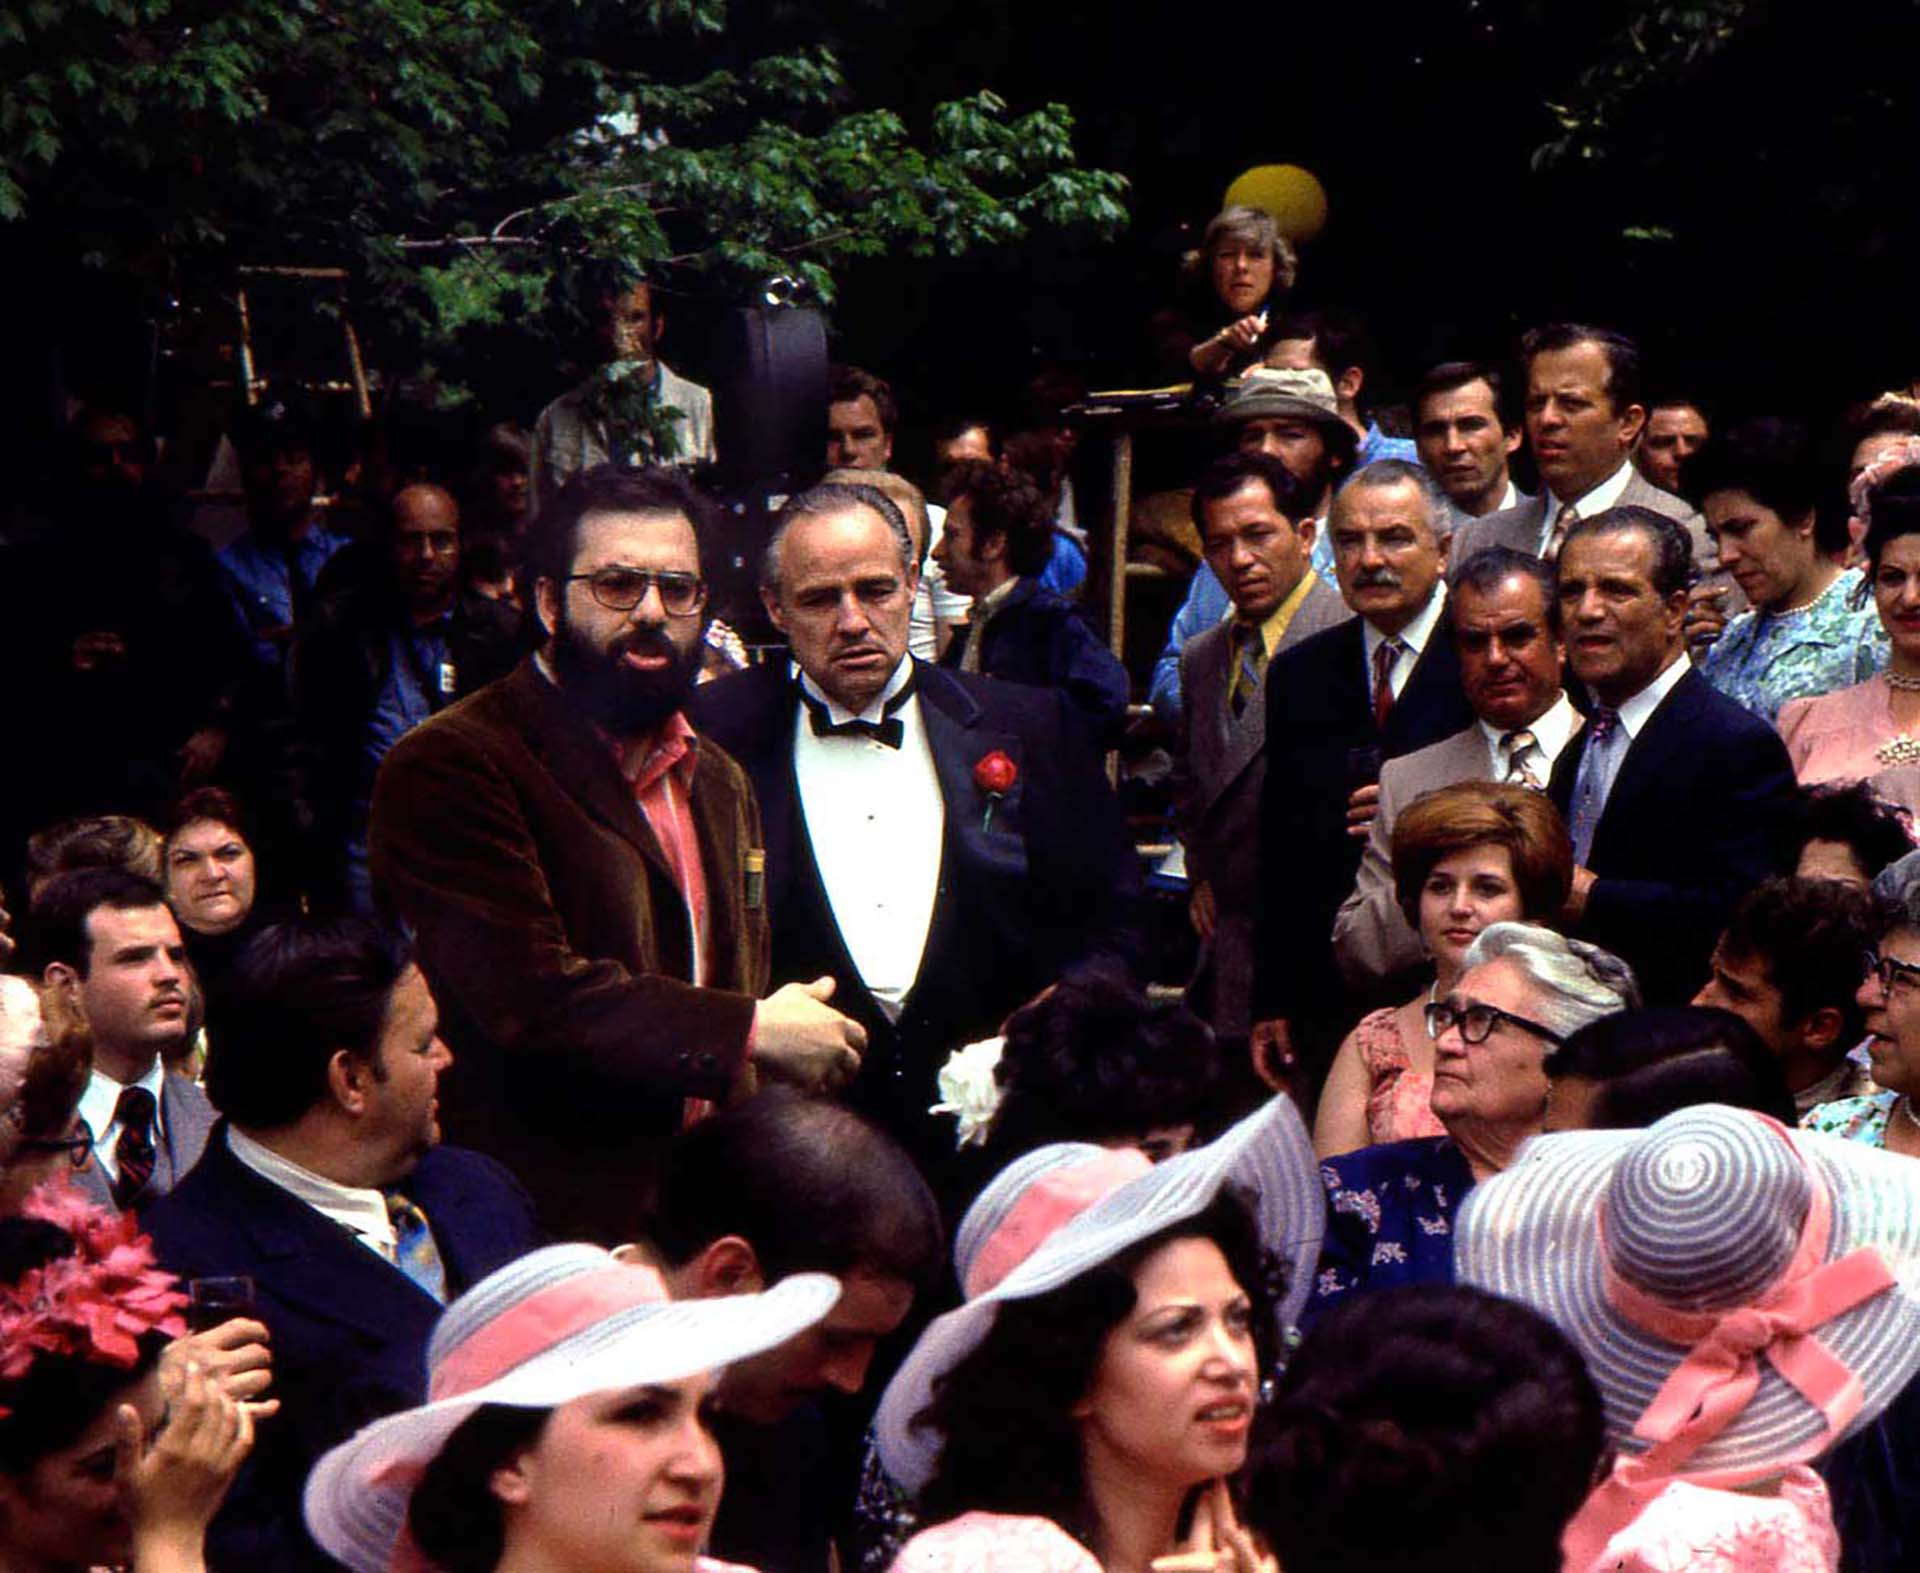 """""""El Padrino"""" es considerada por la mayoría de la crítica como uno de los mejores filmes de todos los tiempos y la mejor película de Francis Ford Coppola. En 1973 se hizo acreedora a tres premios Oscar por mejor actor para Marlon Brando, mejor película y mejor guion adaptado para Mario Puzo"""